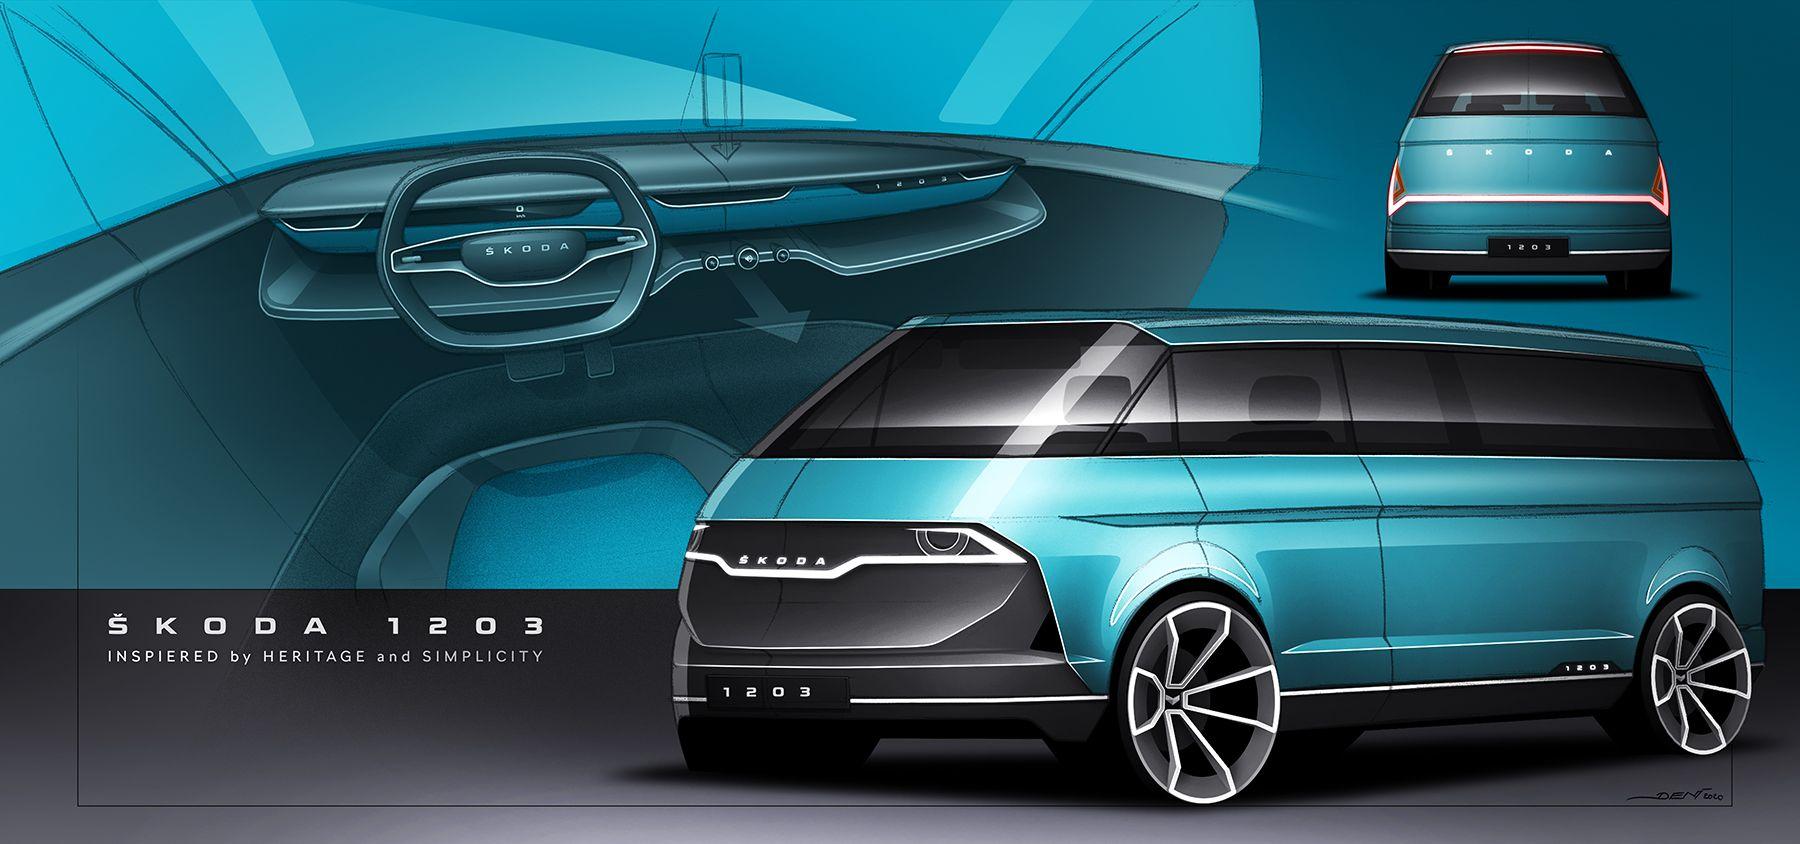 Skoda 1203 Concept Sketch Reimagines A Czech Classic With Ev Potential